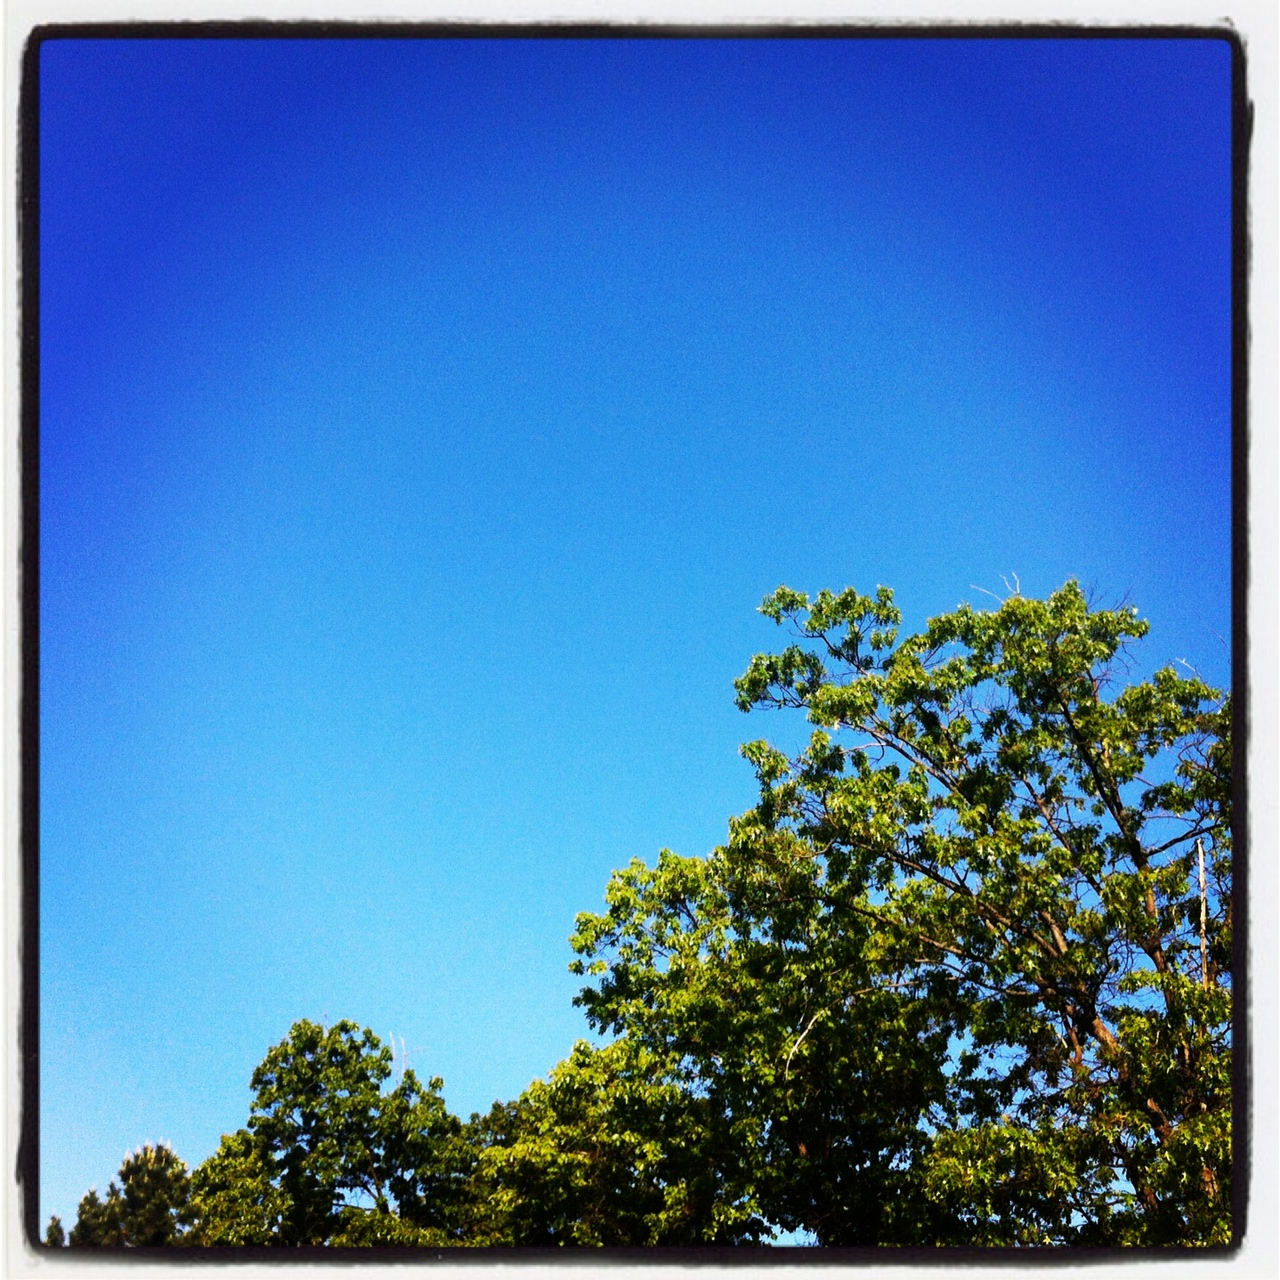 2012-08-16-BlueSkiesAmyNeumann.jpg